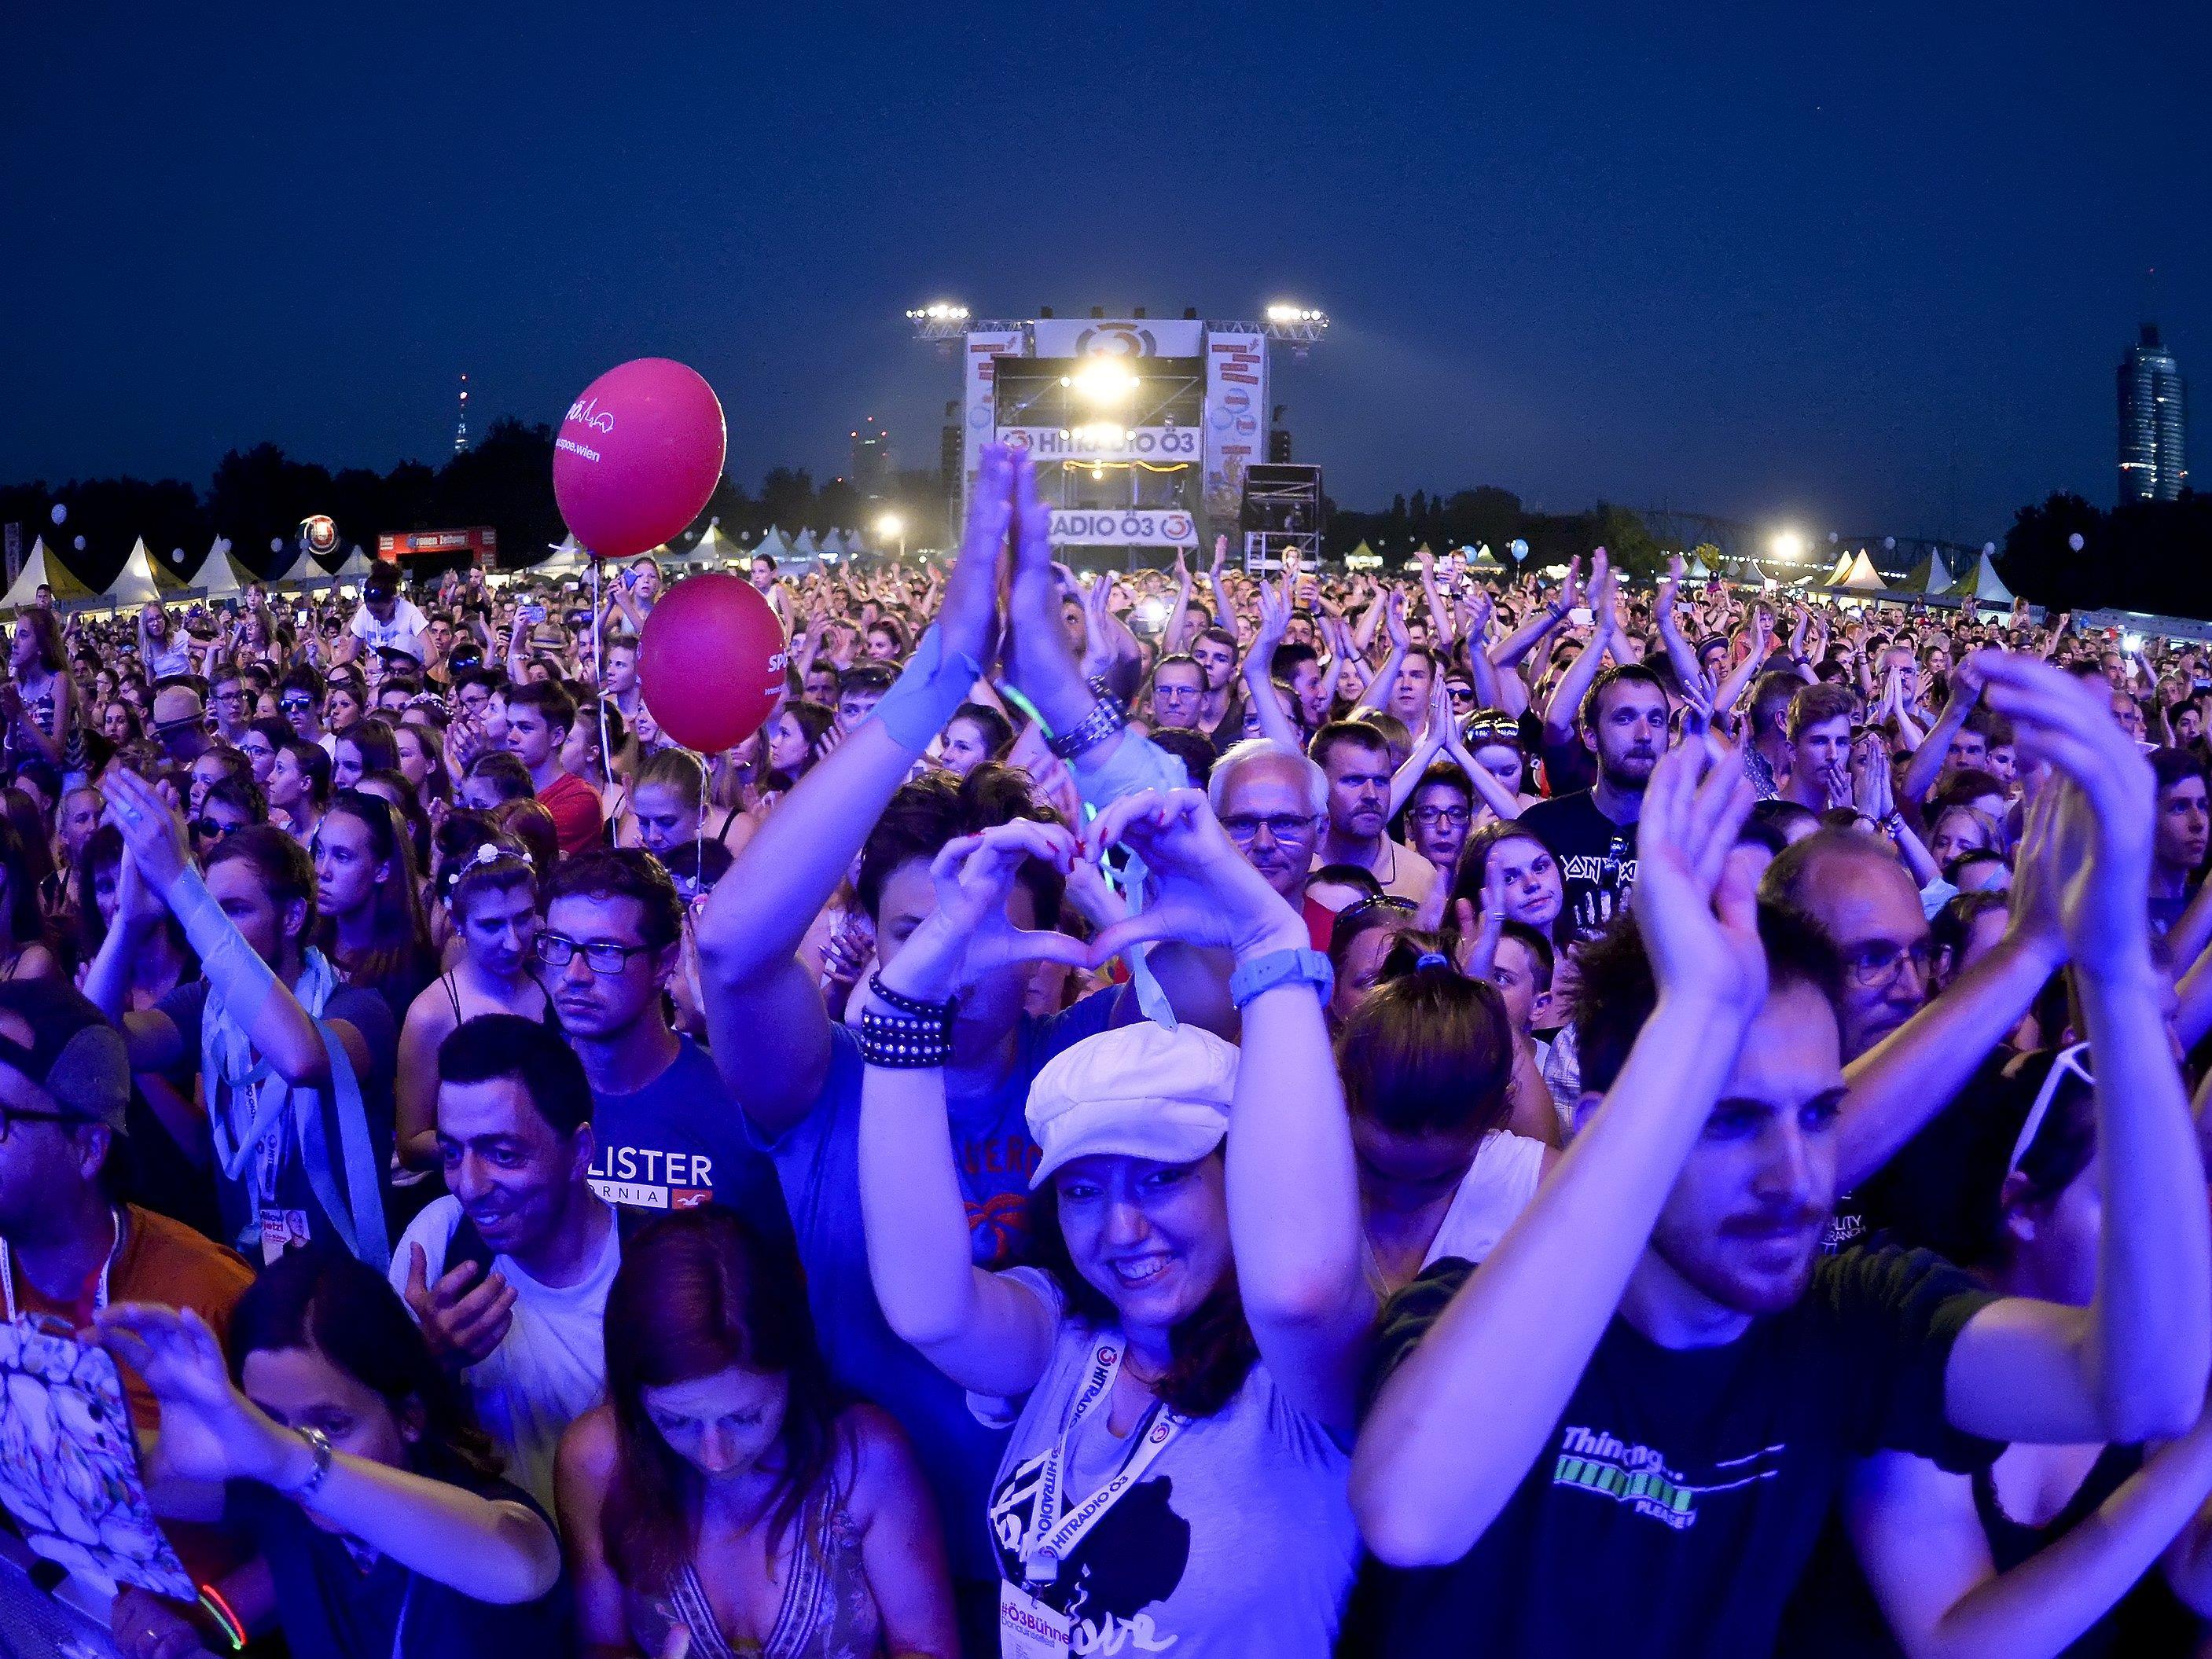 Konzertbesucher am Freitag beim Donauinselfest in Wien